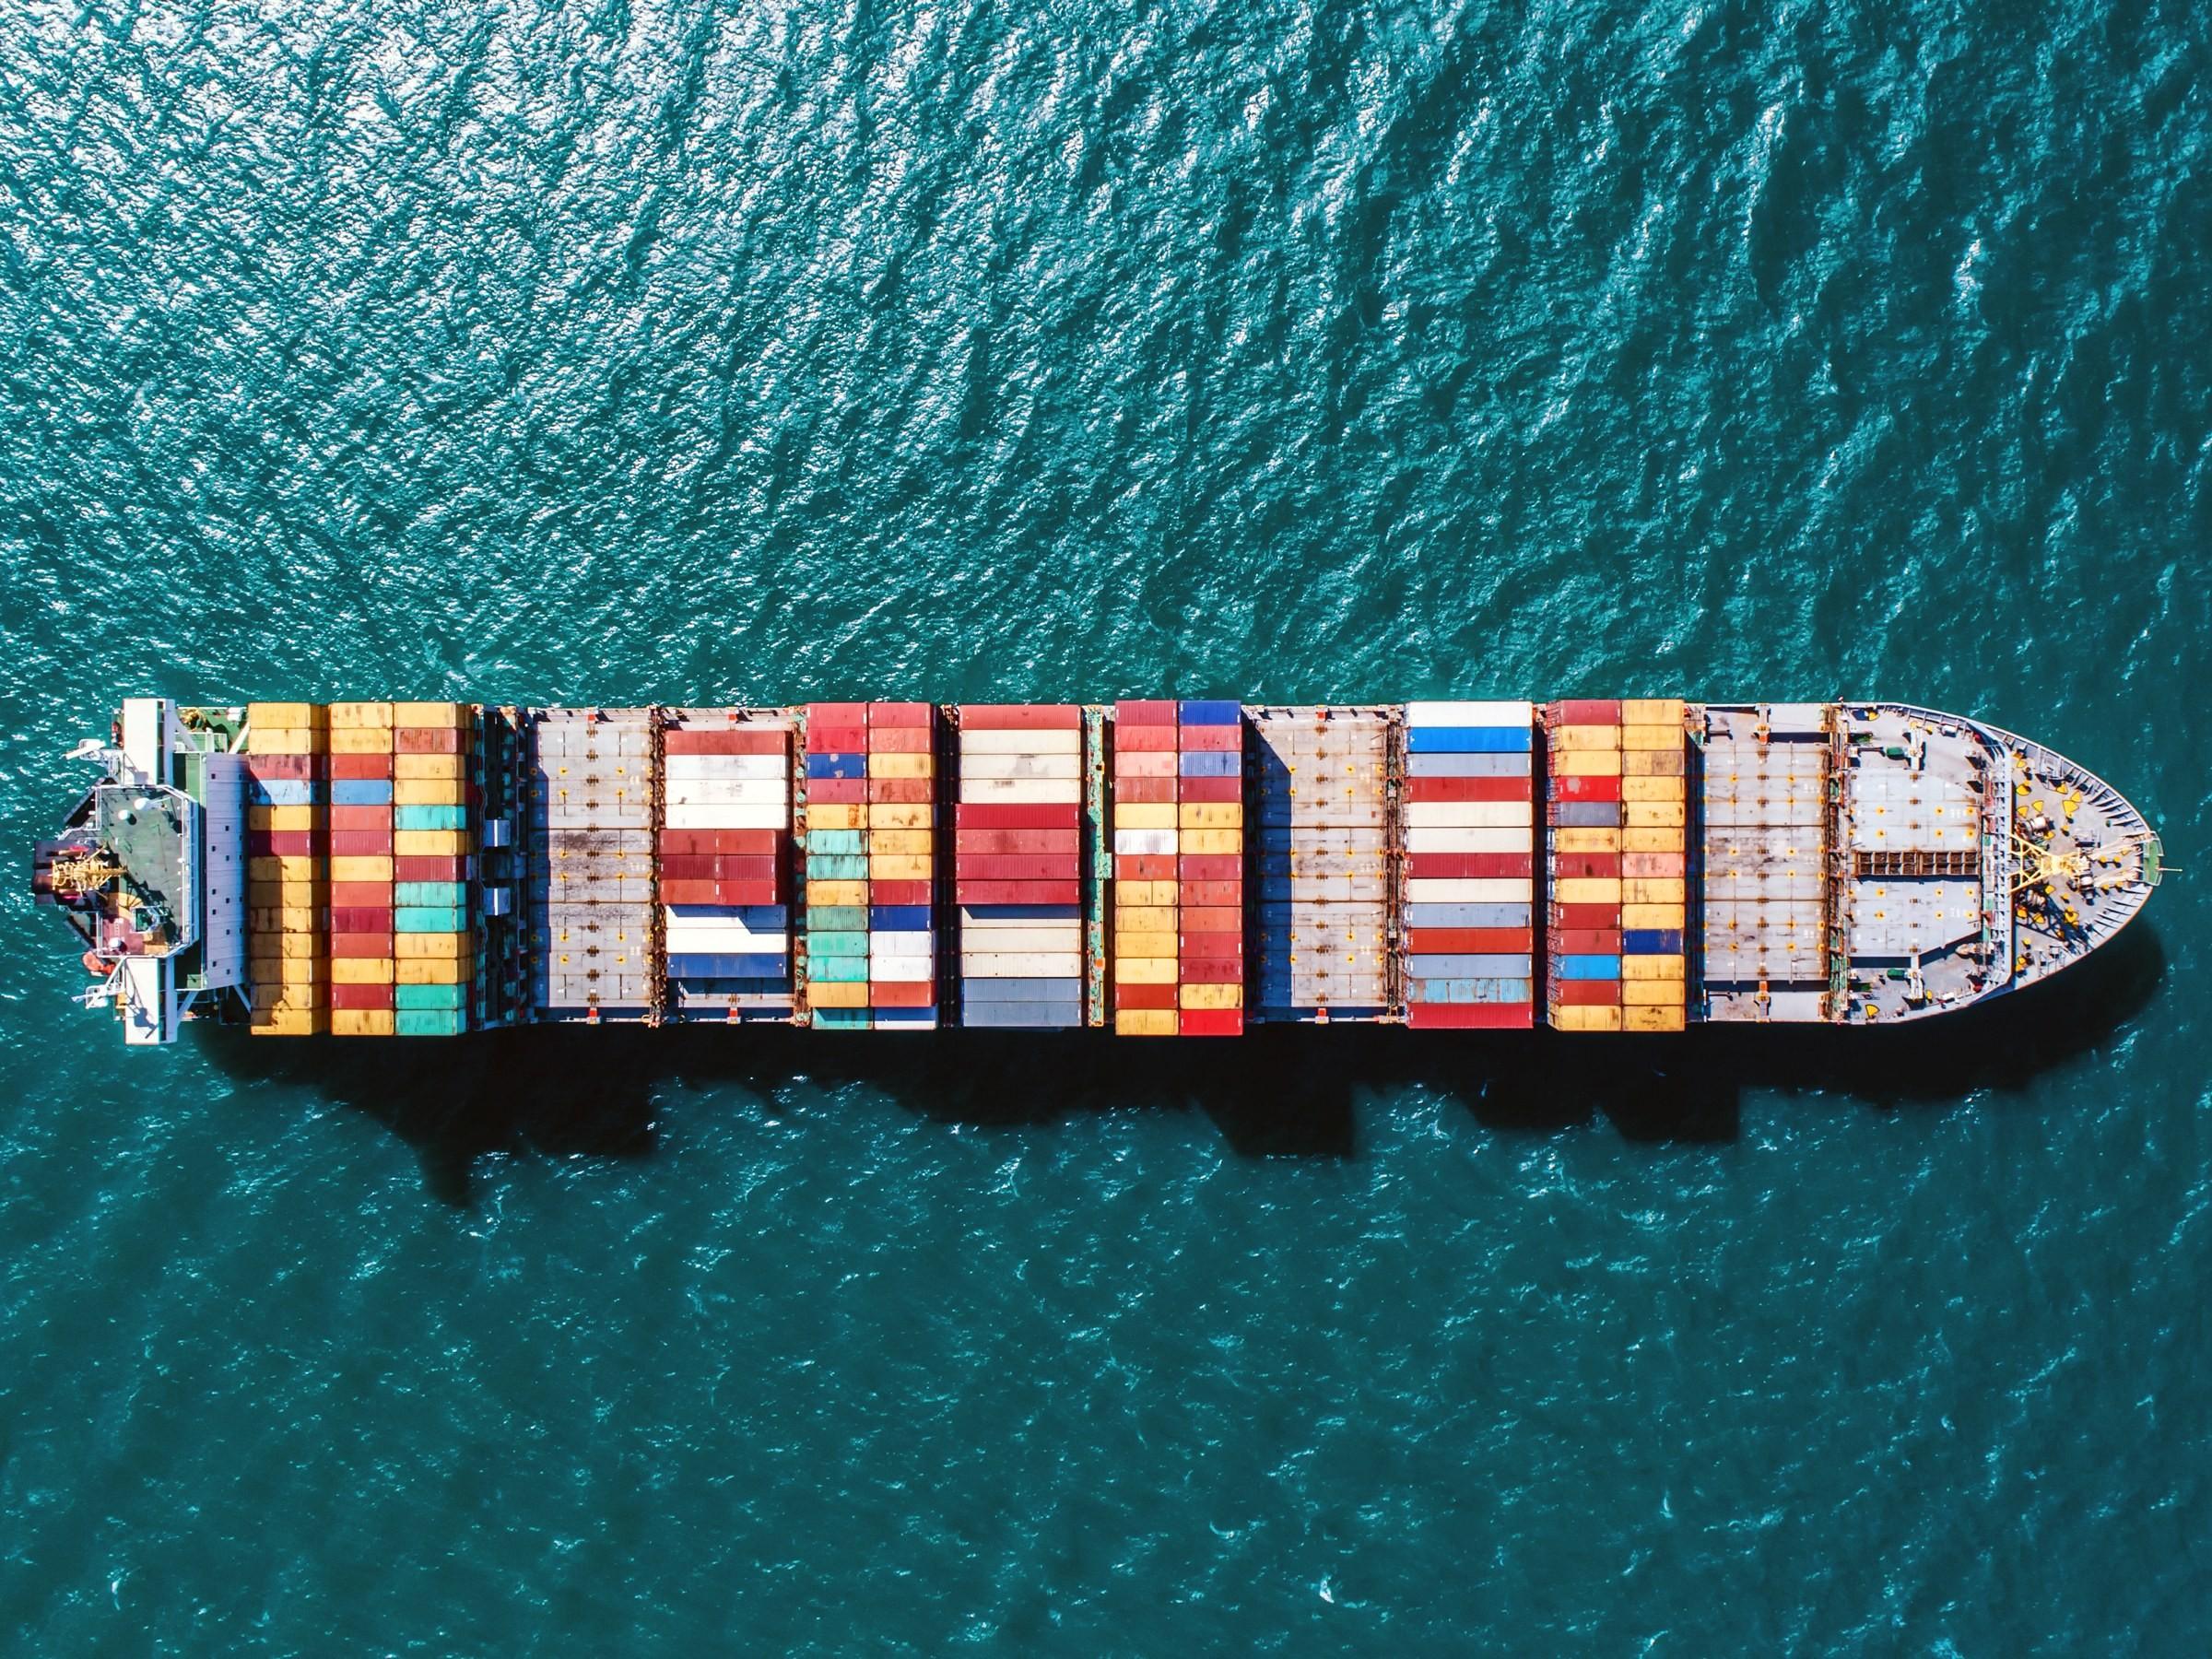 60مليار دولار حجم التبادل التجارى فى ثمانية أشهر وانخفاض ملحوظ فى الواردات